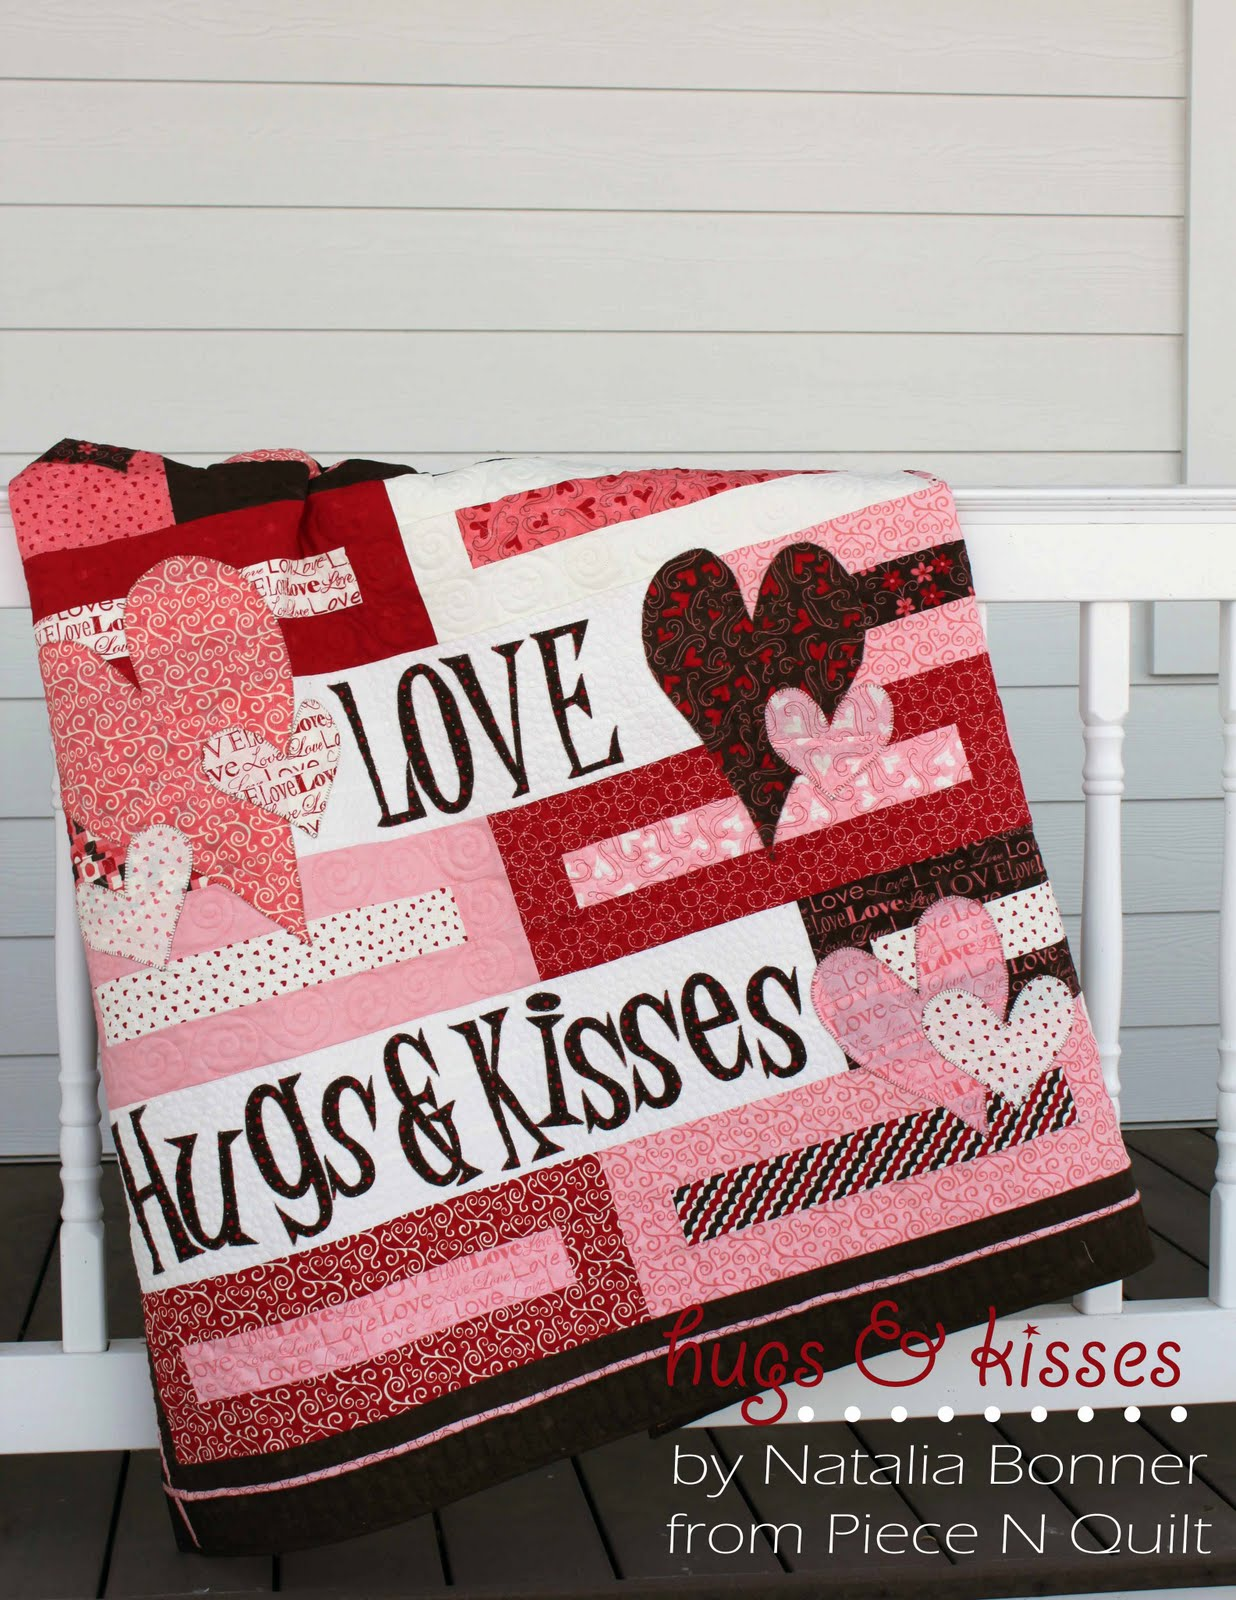 Hugs Kisses Moda Bake Shop